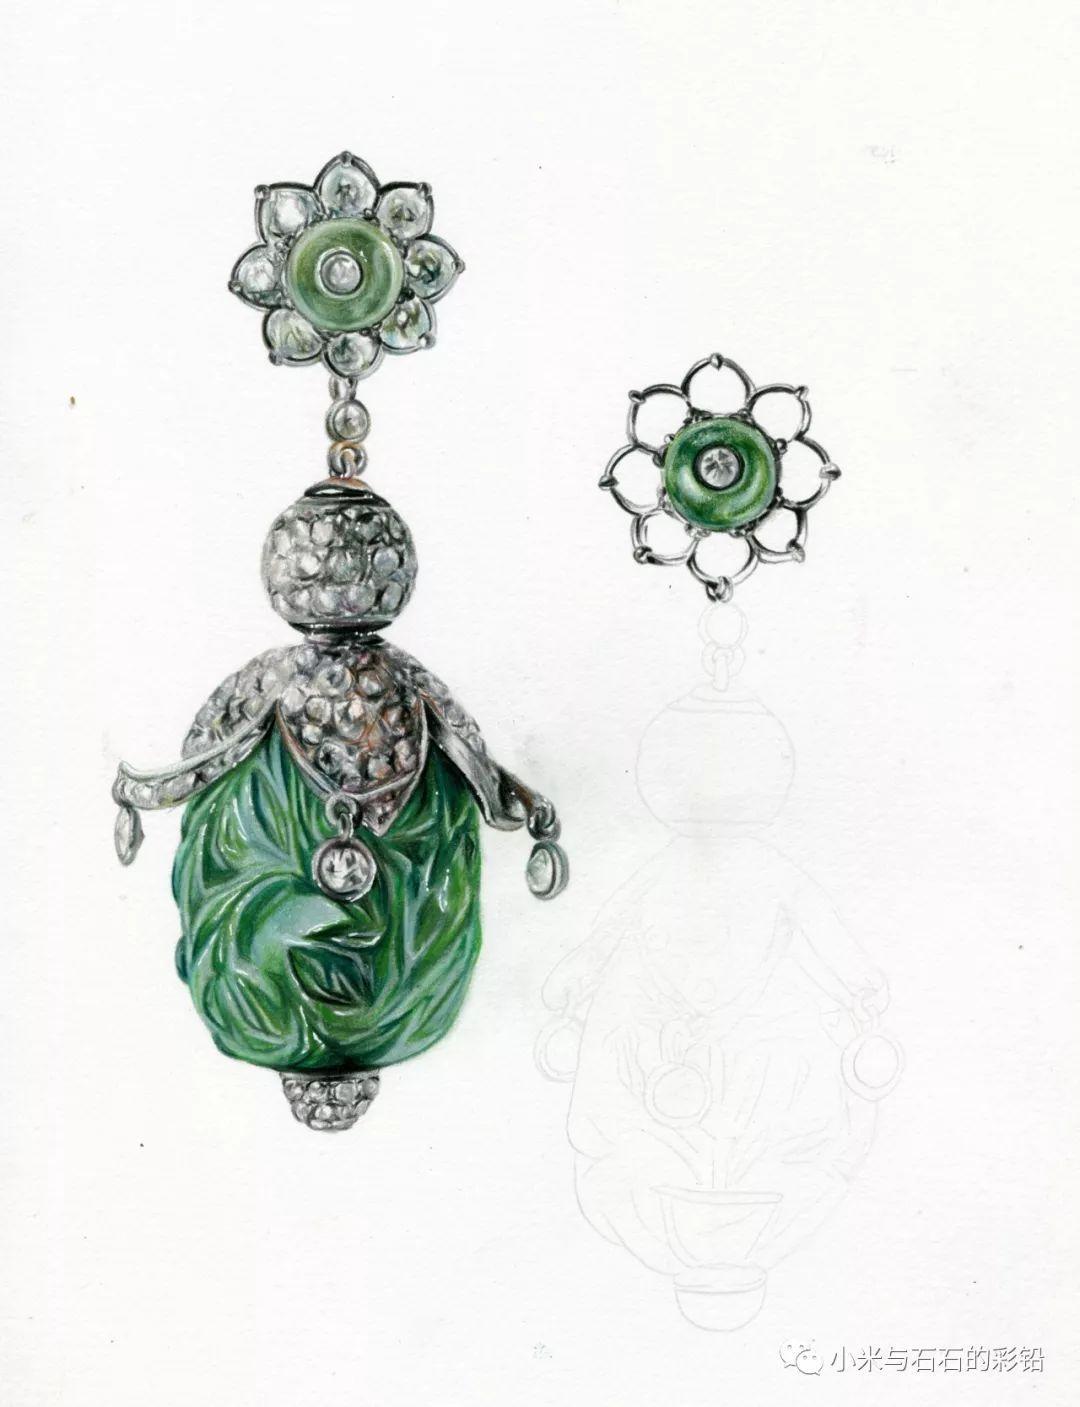 彩铅手绘钻石祖母绿耳环